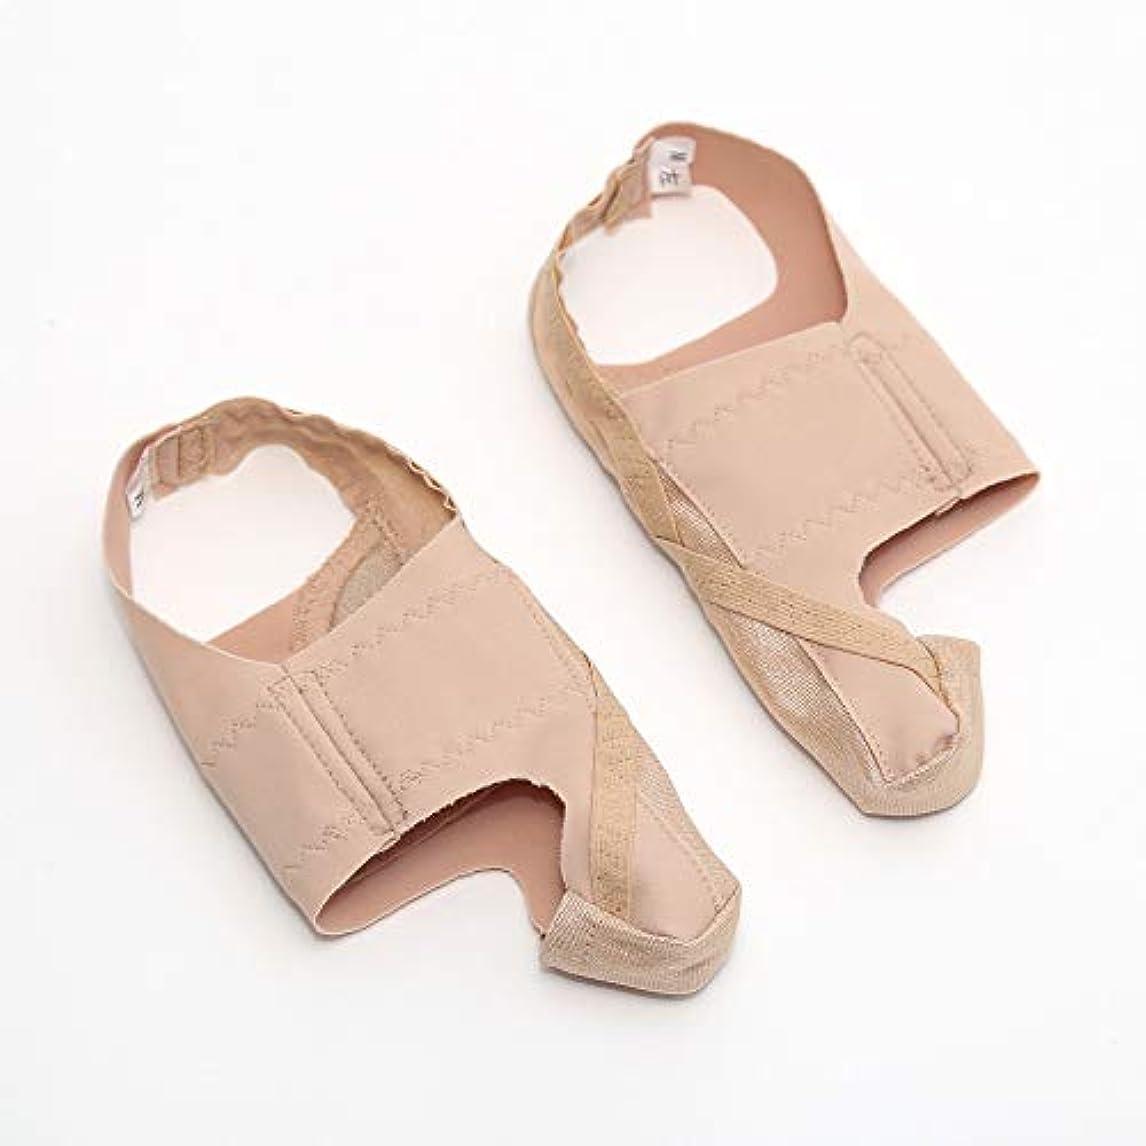 割合劇的海洋の靴も履けるんデス EX Mサイズ コエンザイムQ10 美容エッセンスマスク付セット